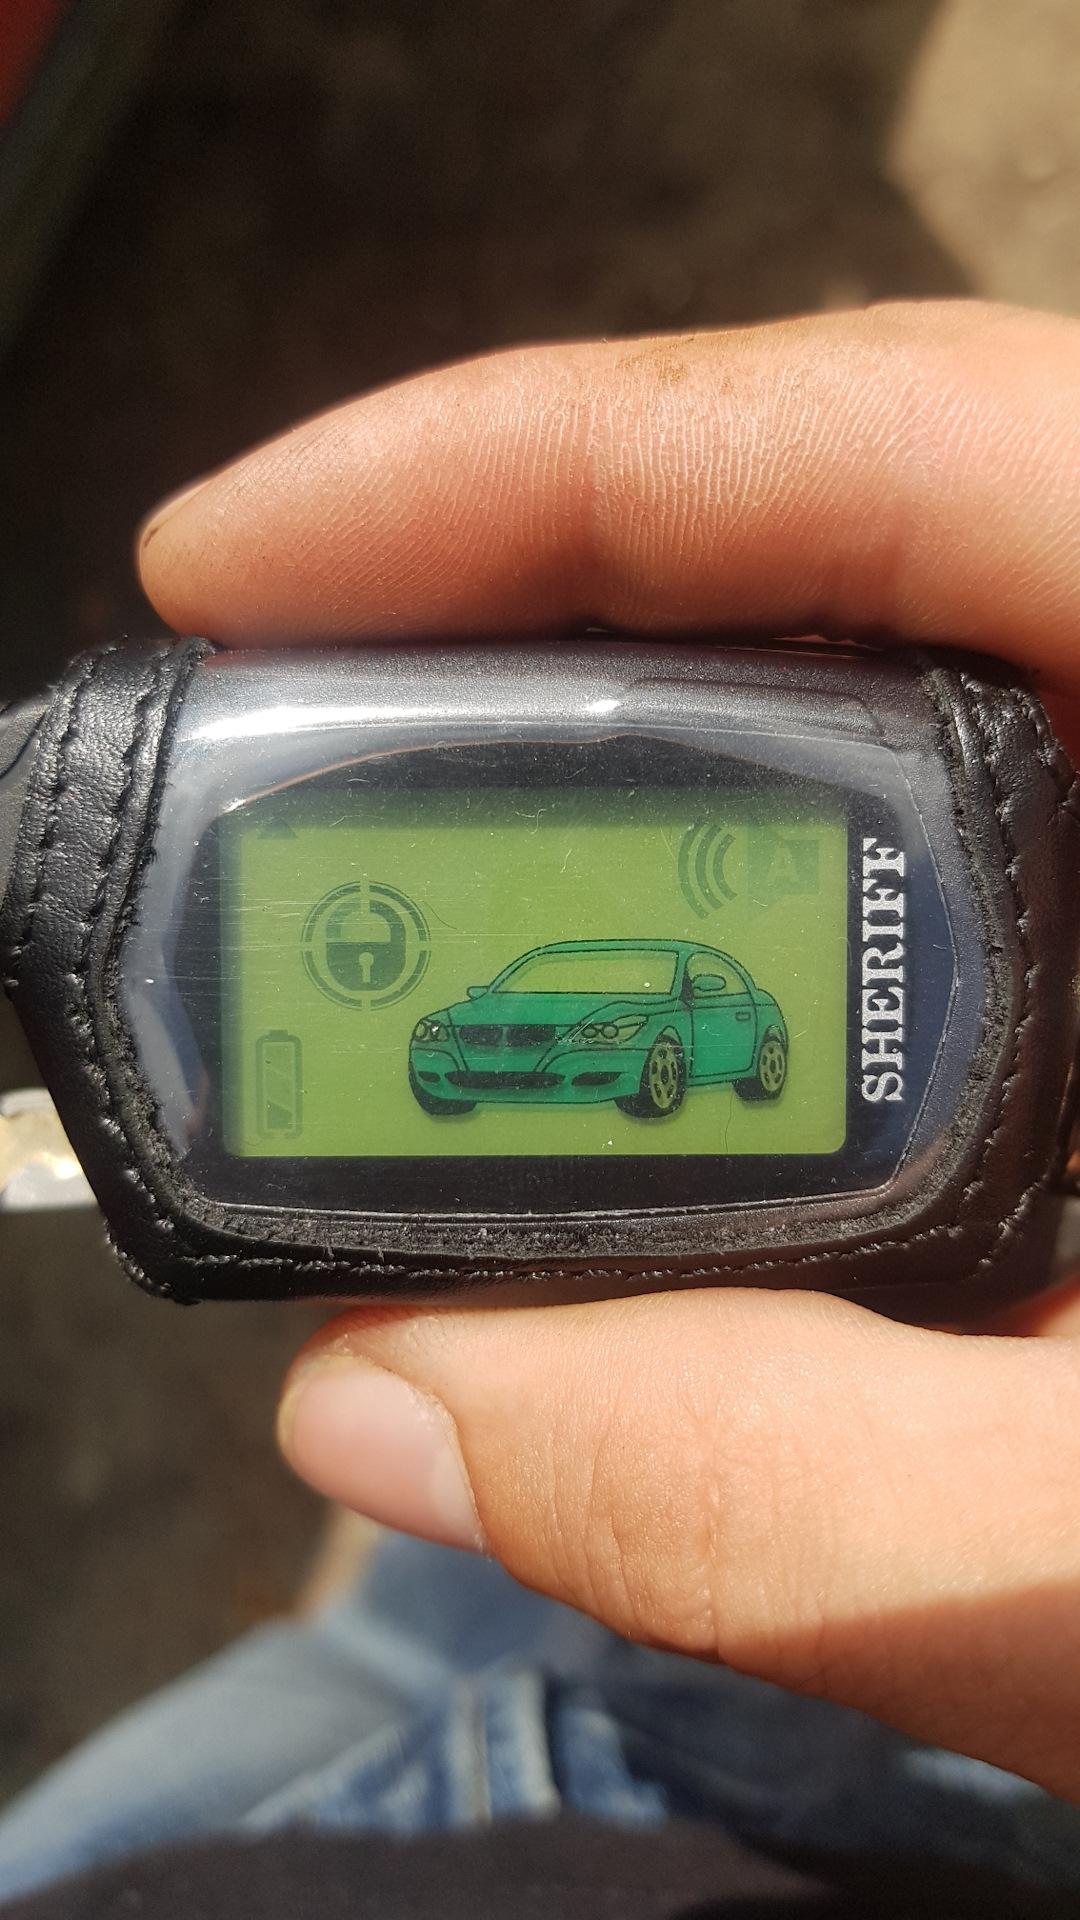 дисплей брелока отображает надпись «иммо»